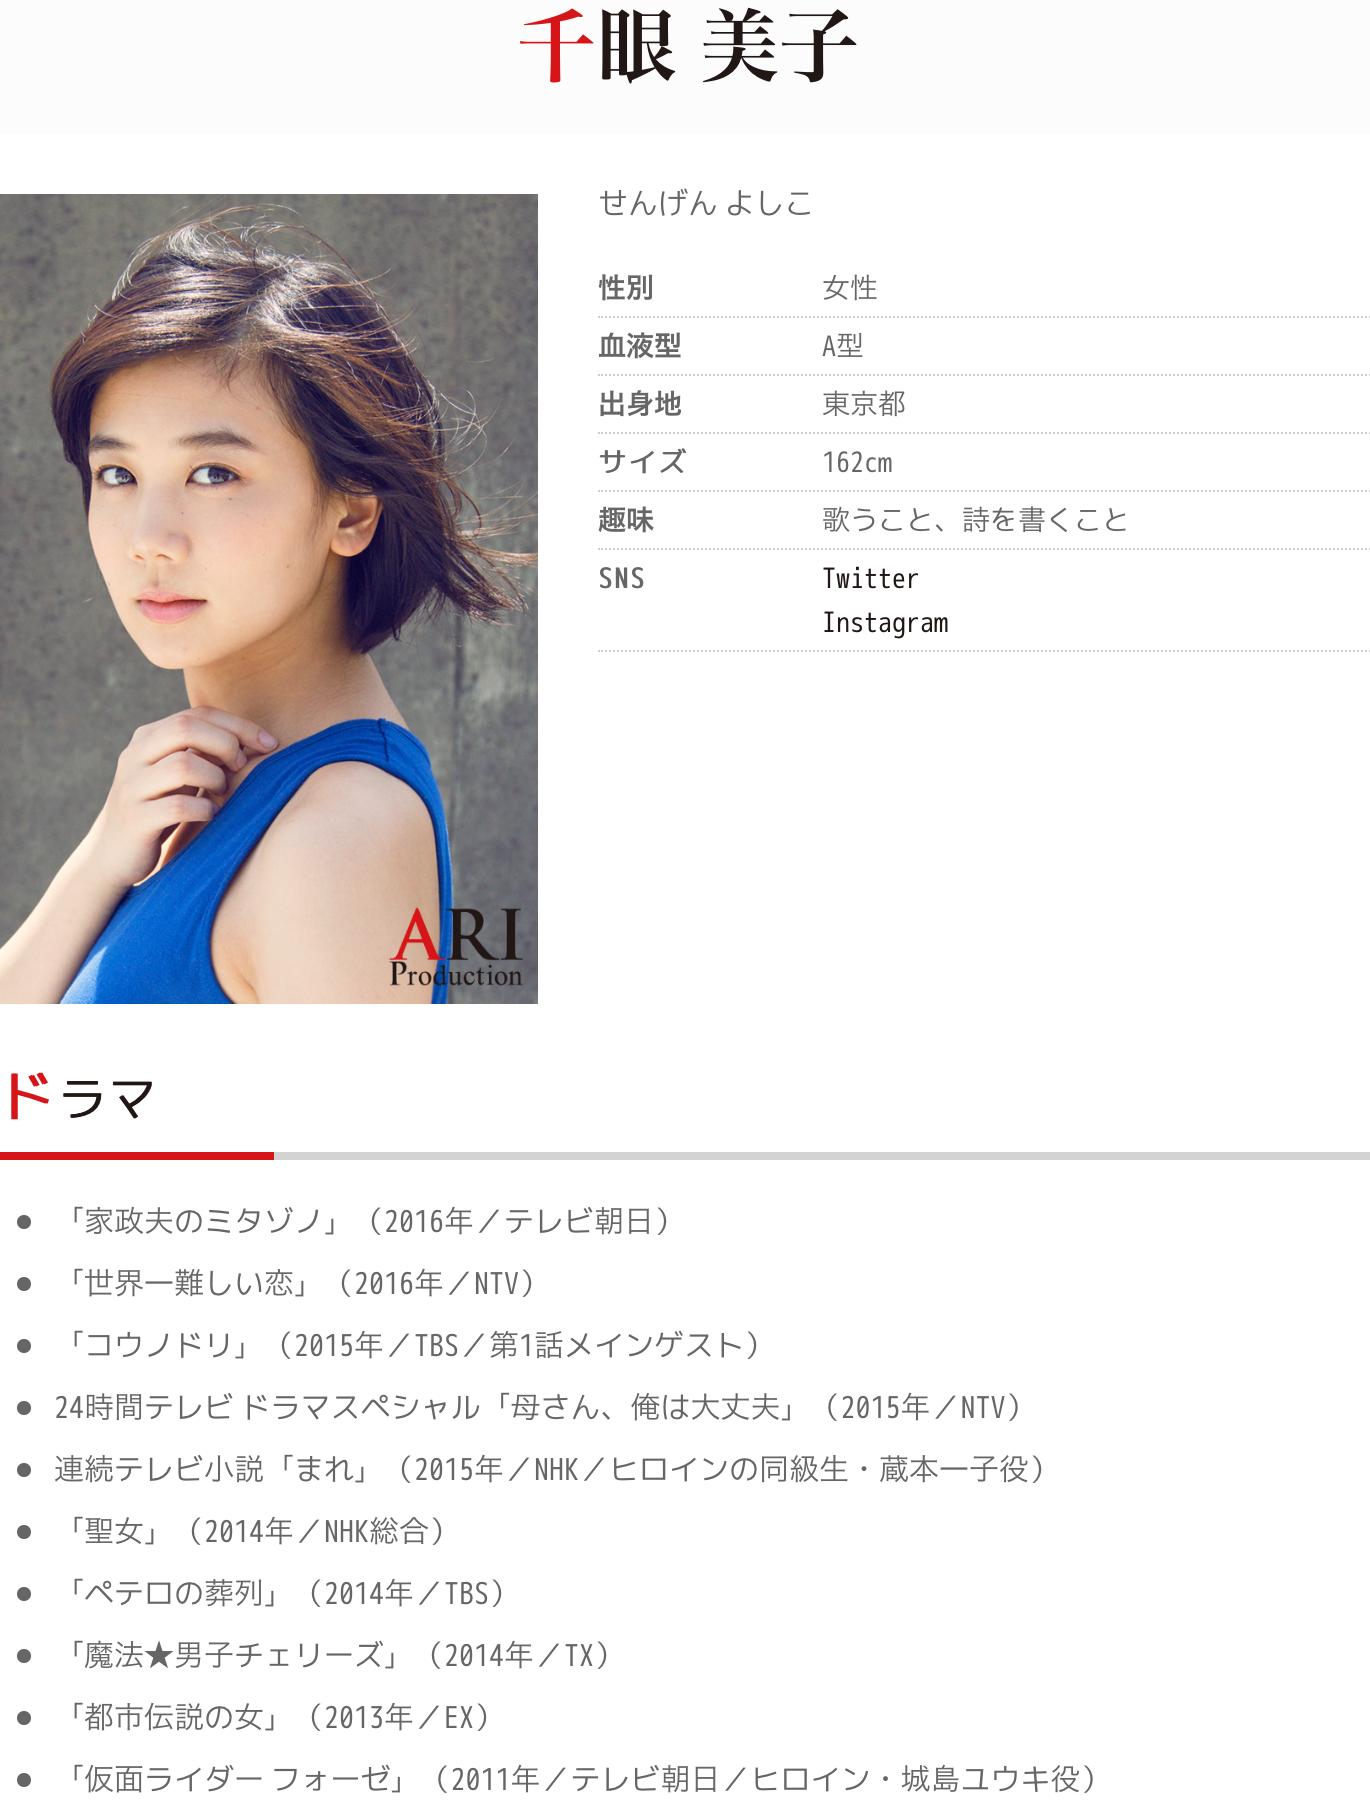 千眼美子さん ARI Production プ...